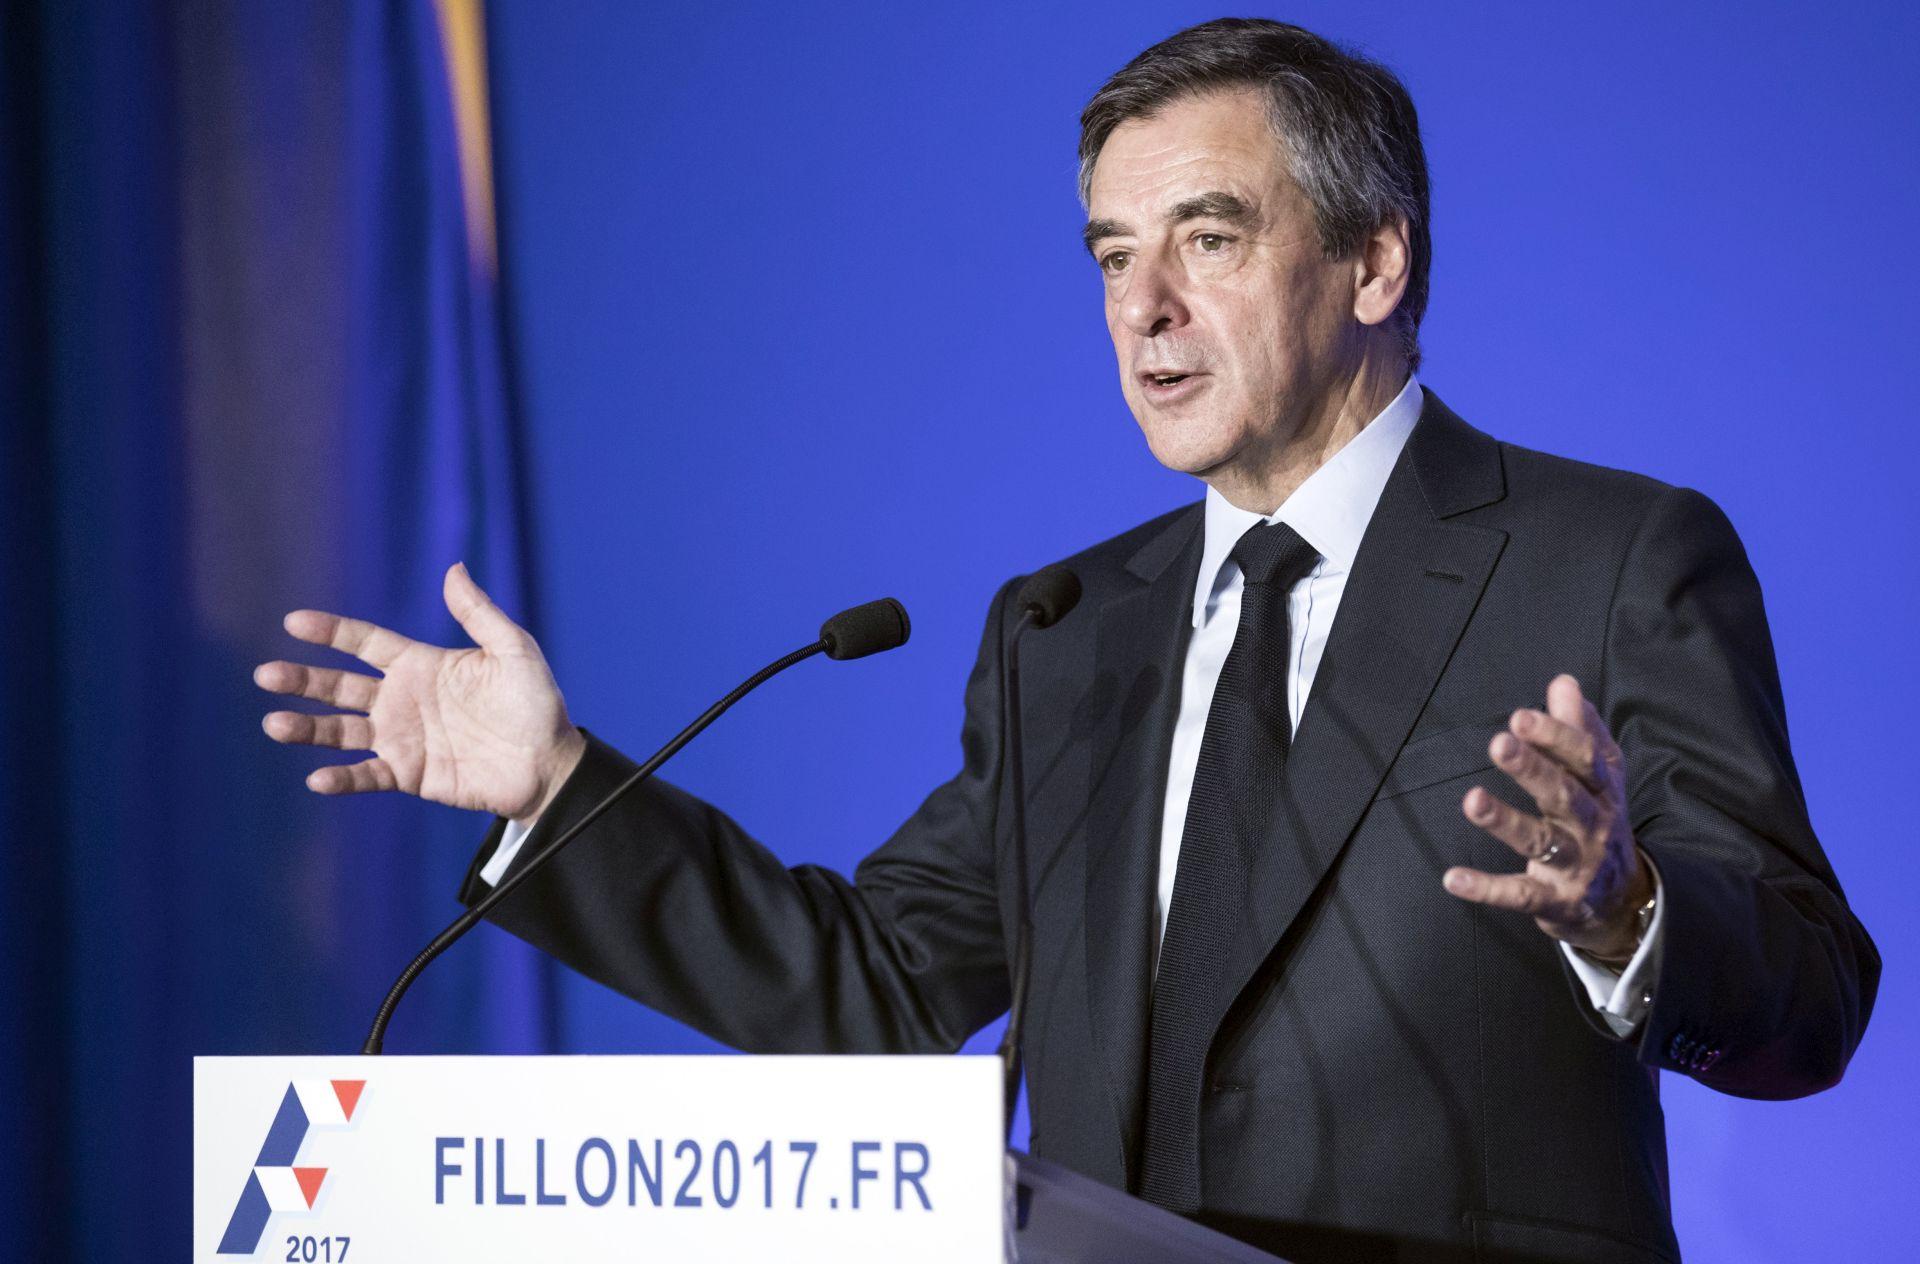 Istraga protiv Fillona proširena na poklonjena odijela